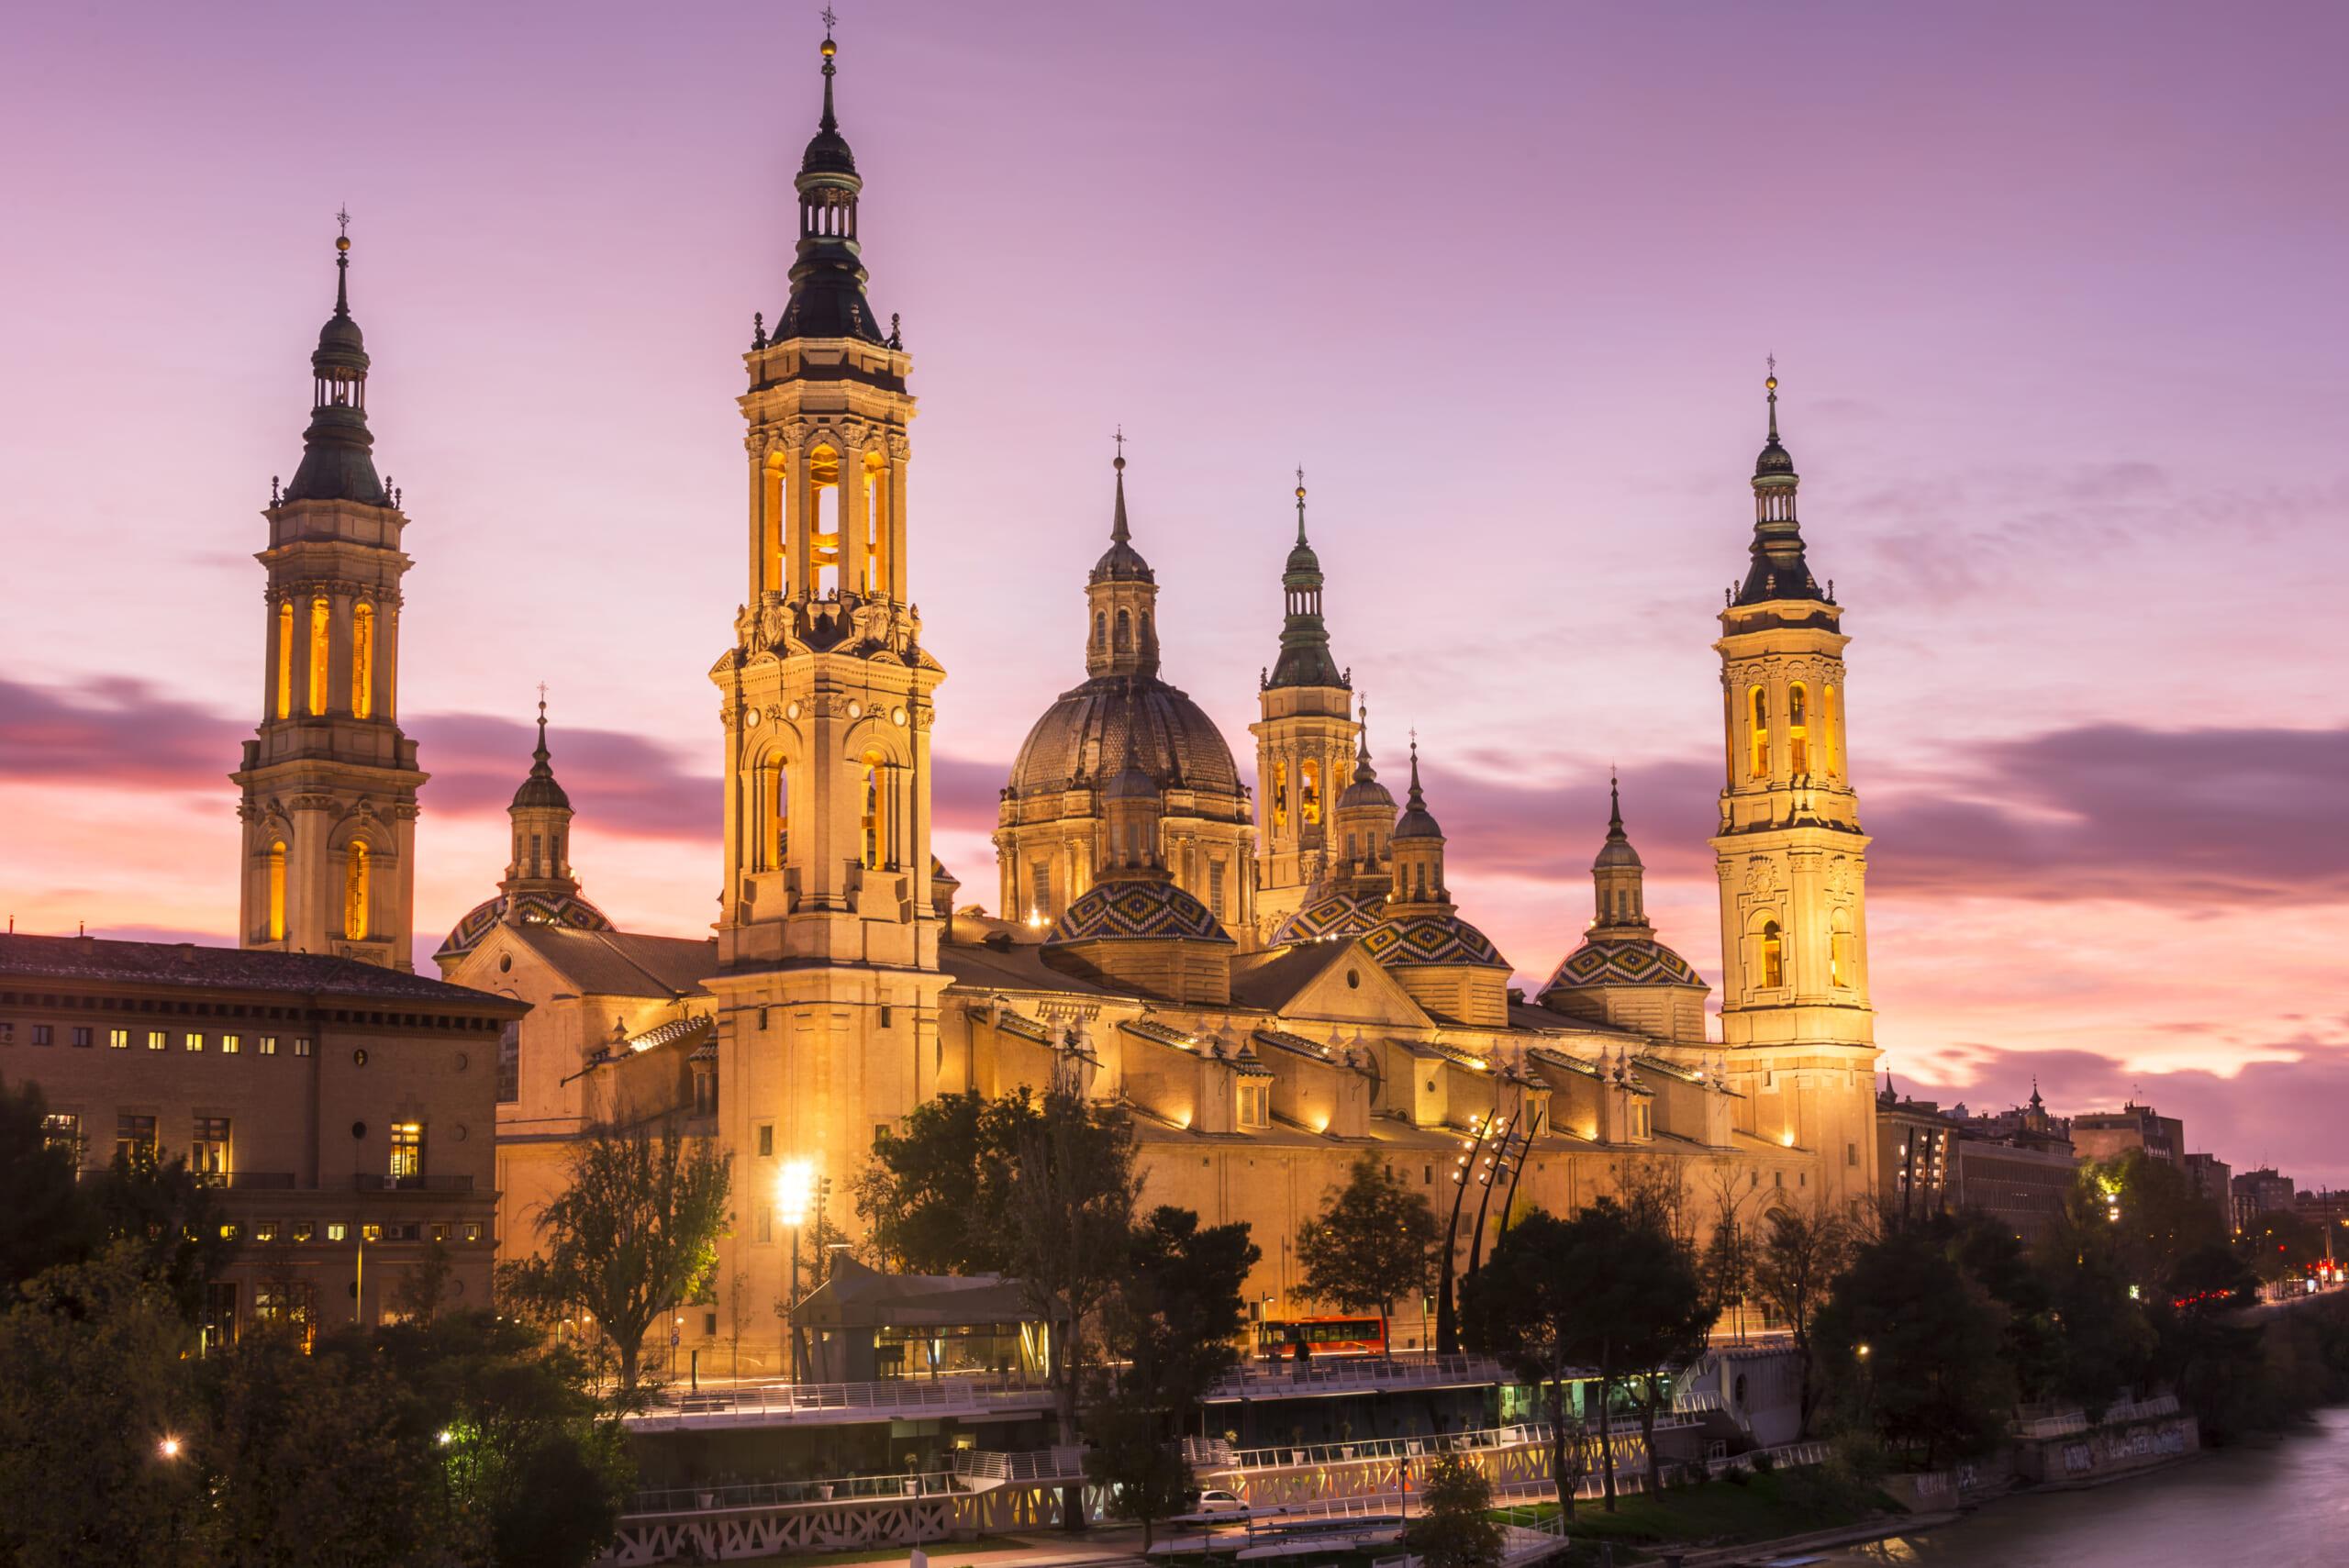 北スペインのバロック様式の建築物